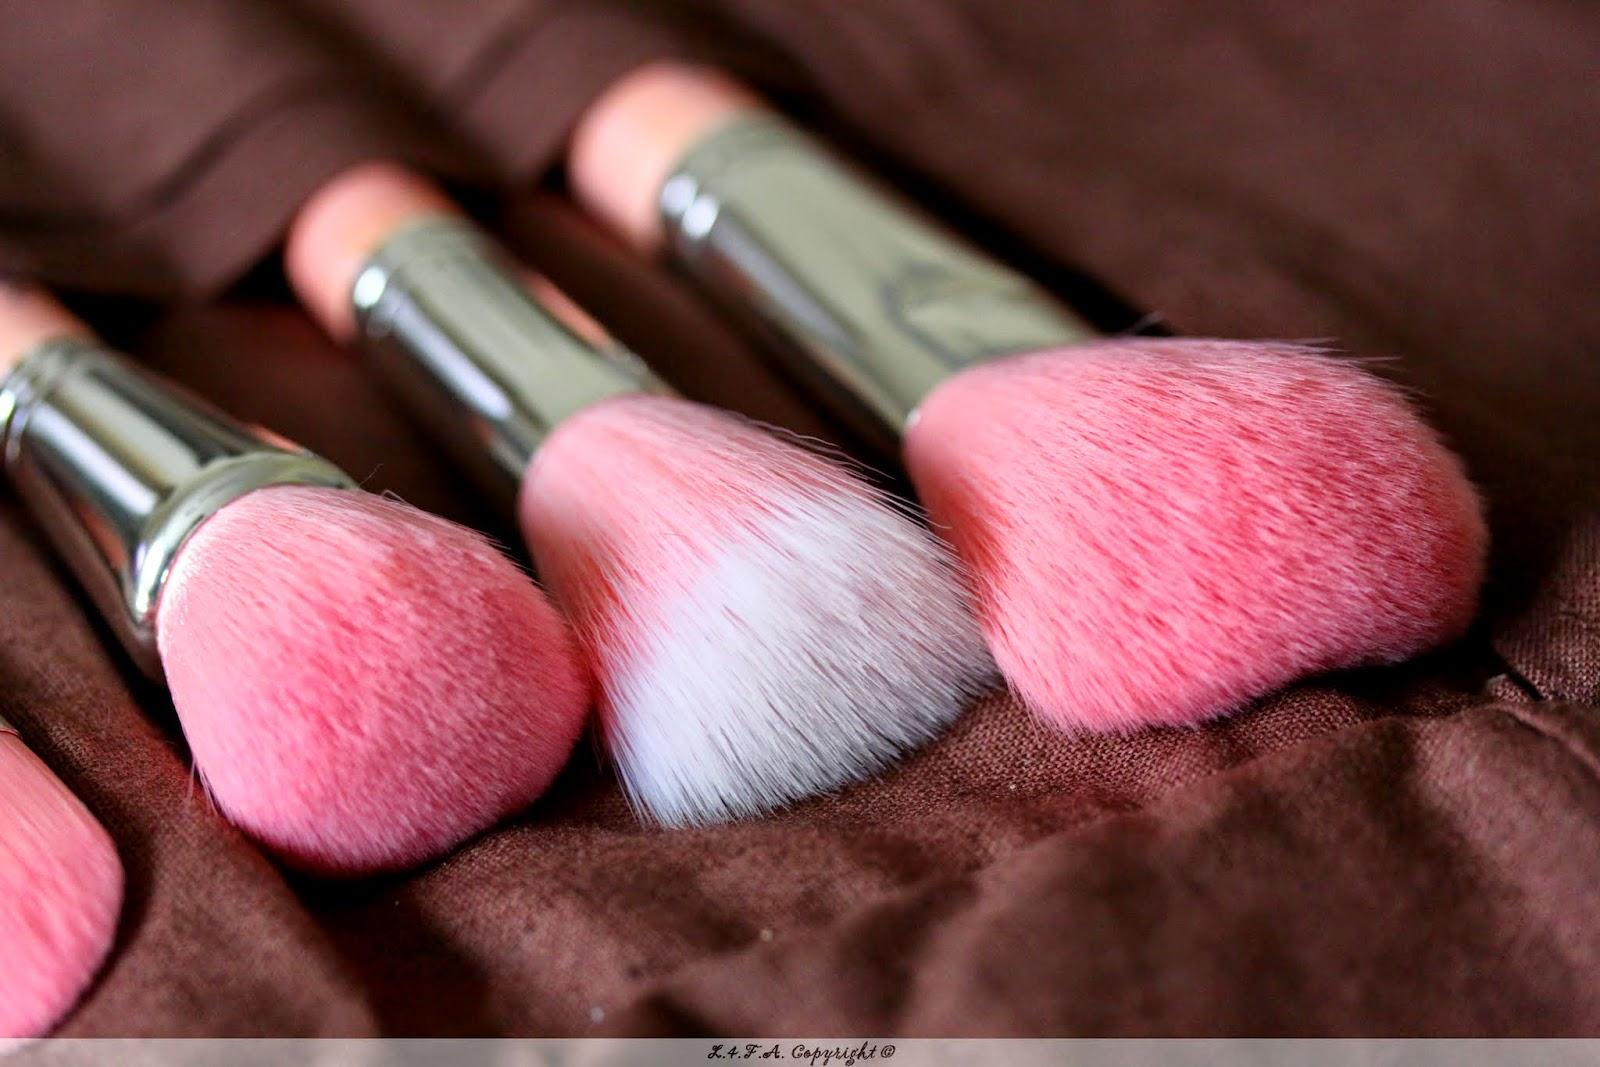 http://lesquatrefersenlair.blogspot.com/2015/02/mes-nouveaux-pinceaux-bdellium-tools.html